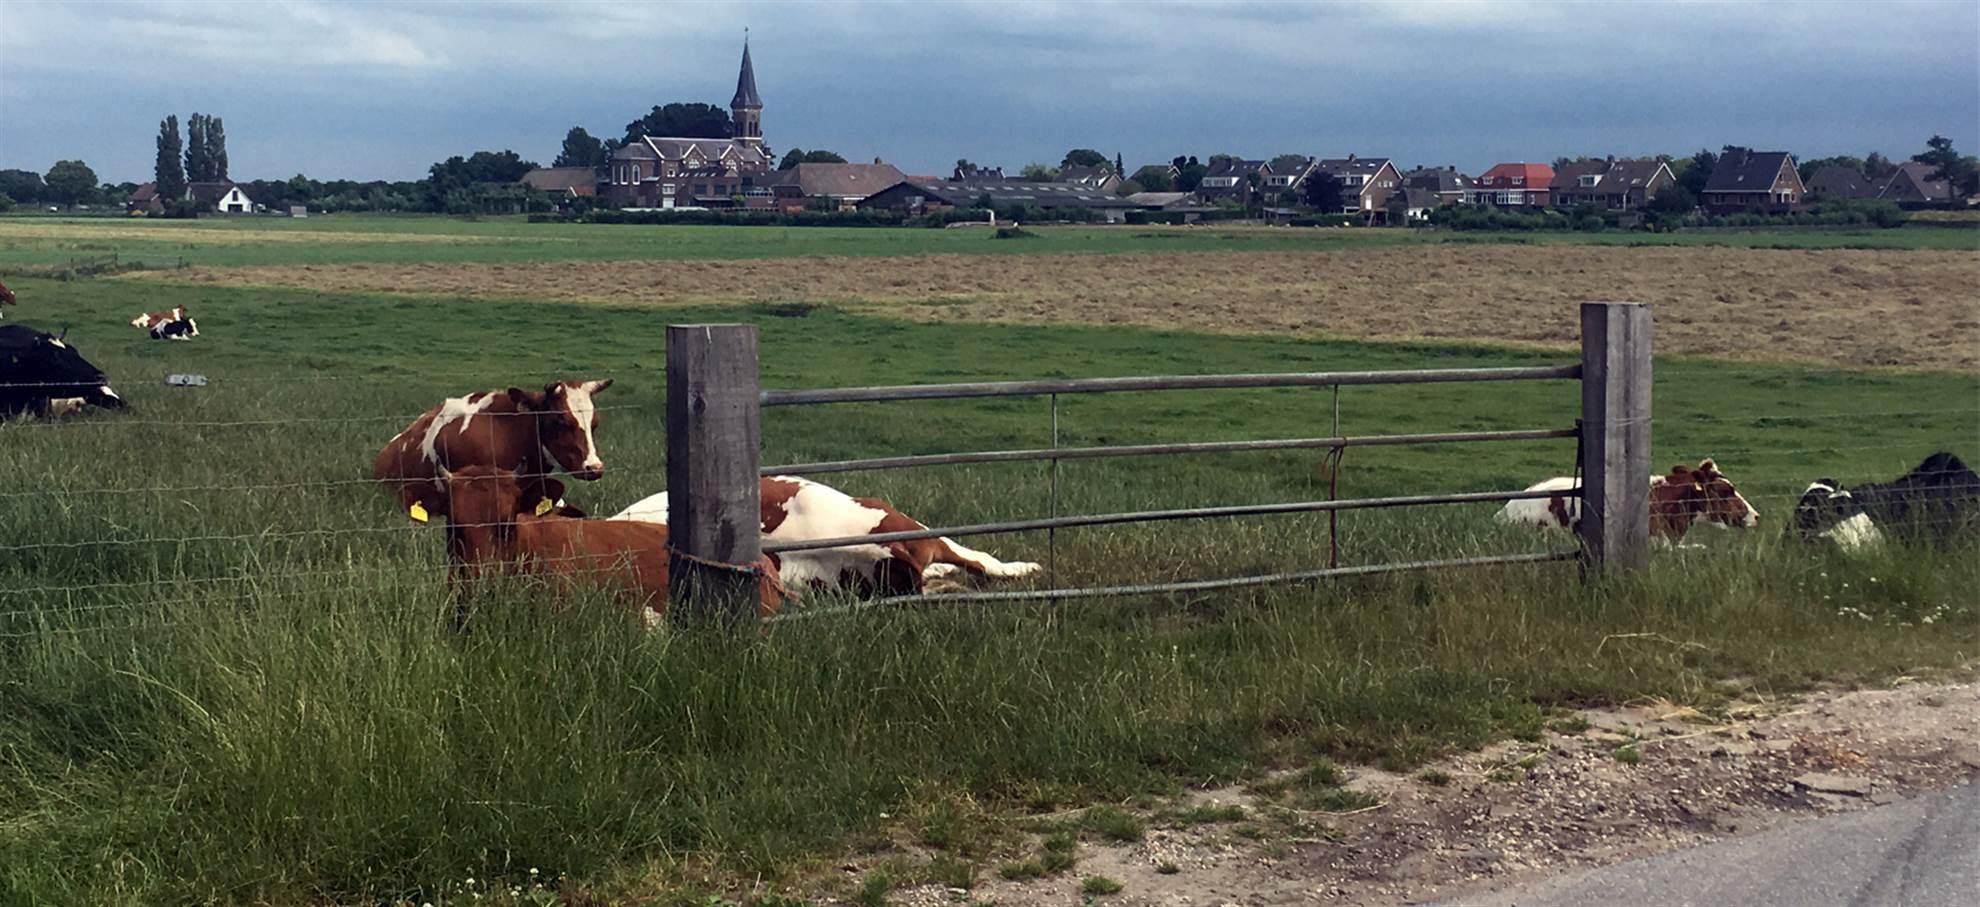 Tour della campagna olandese in bici: 'polder', mulini a vento, laghi e formaggi